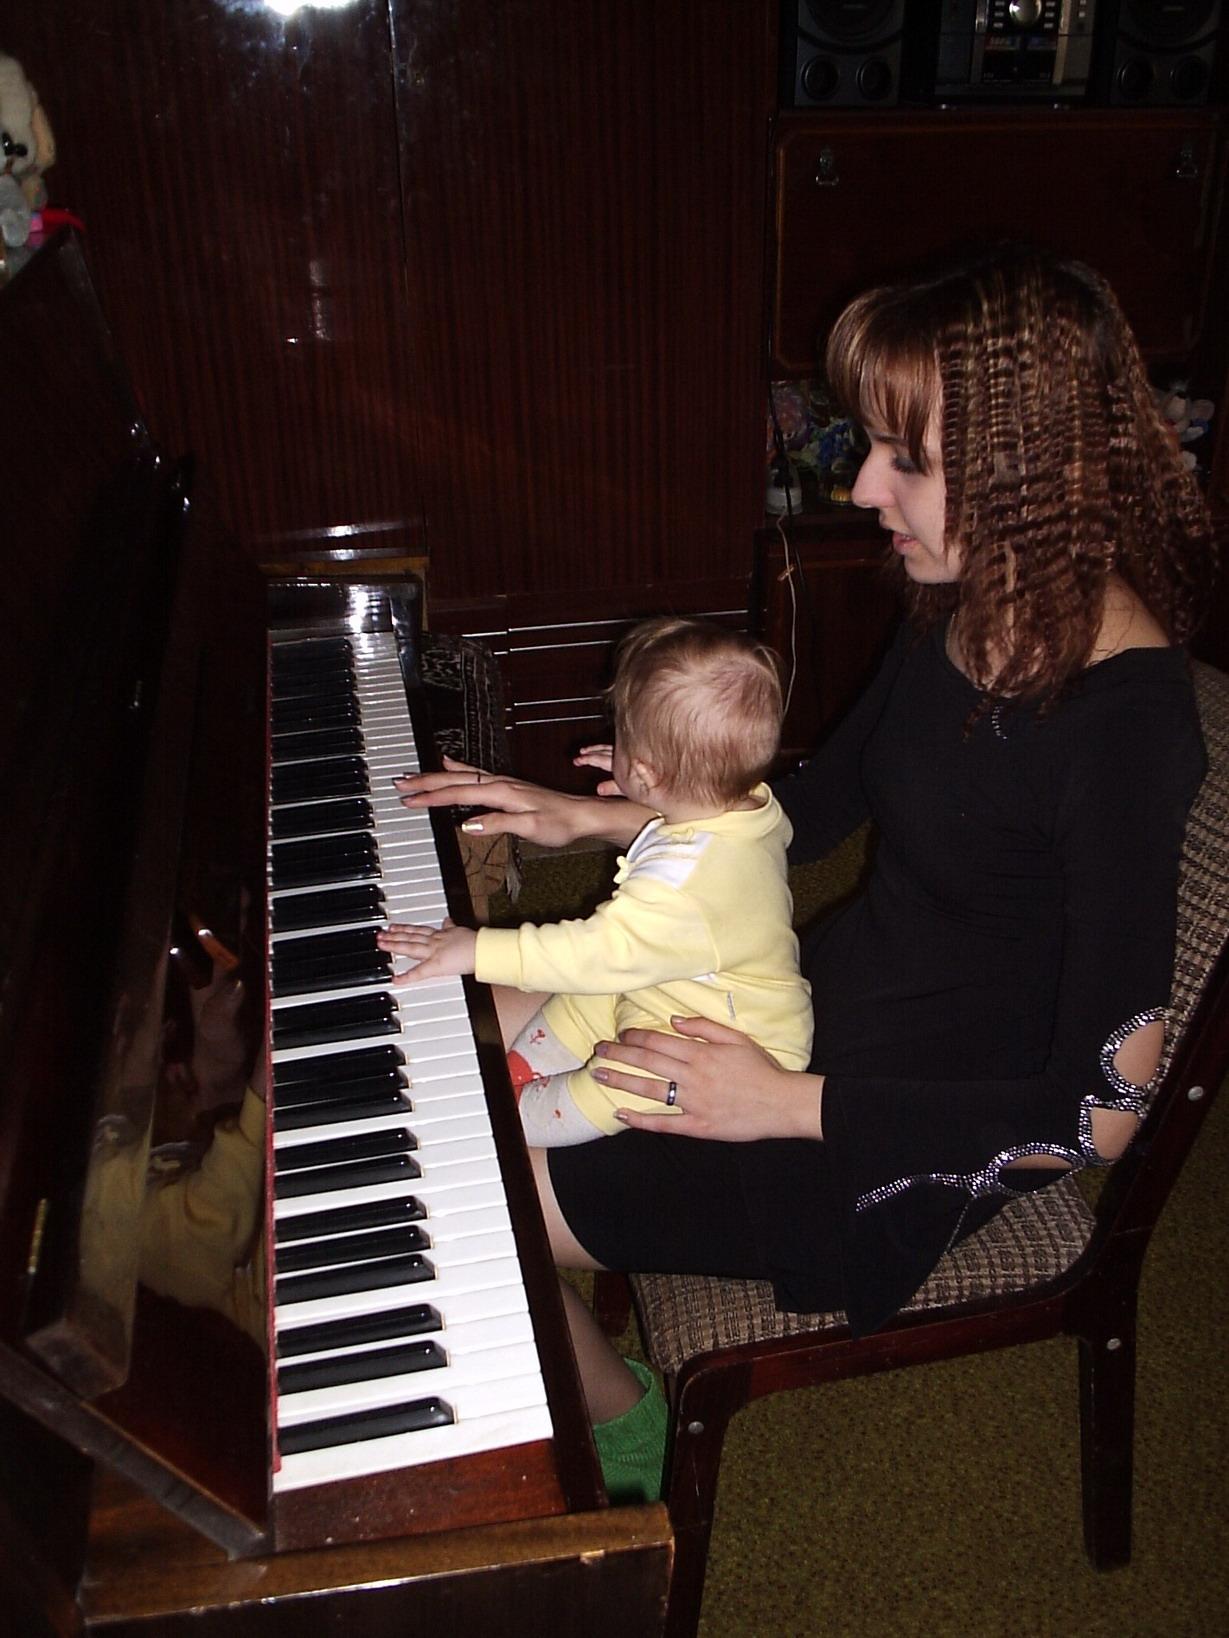 ...жили у бабуси два веселых гуся.... Дети и музыка